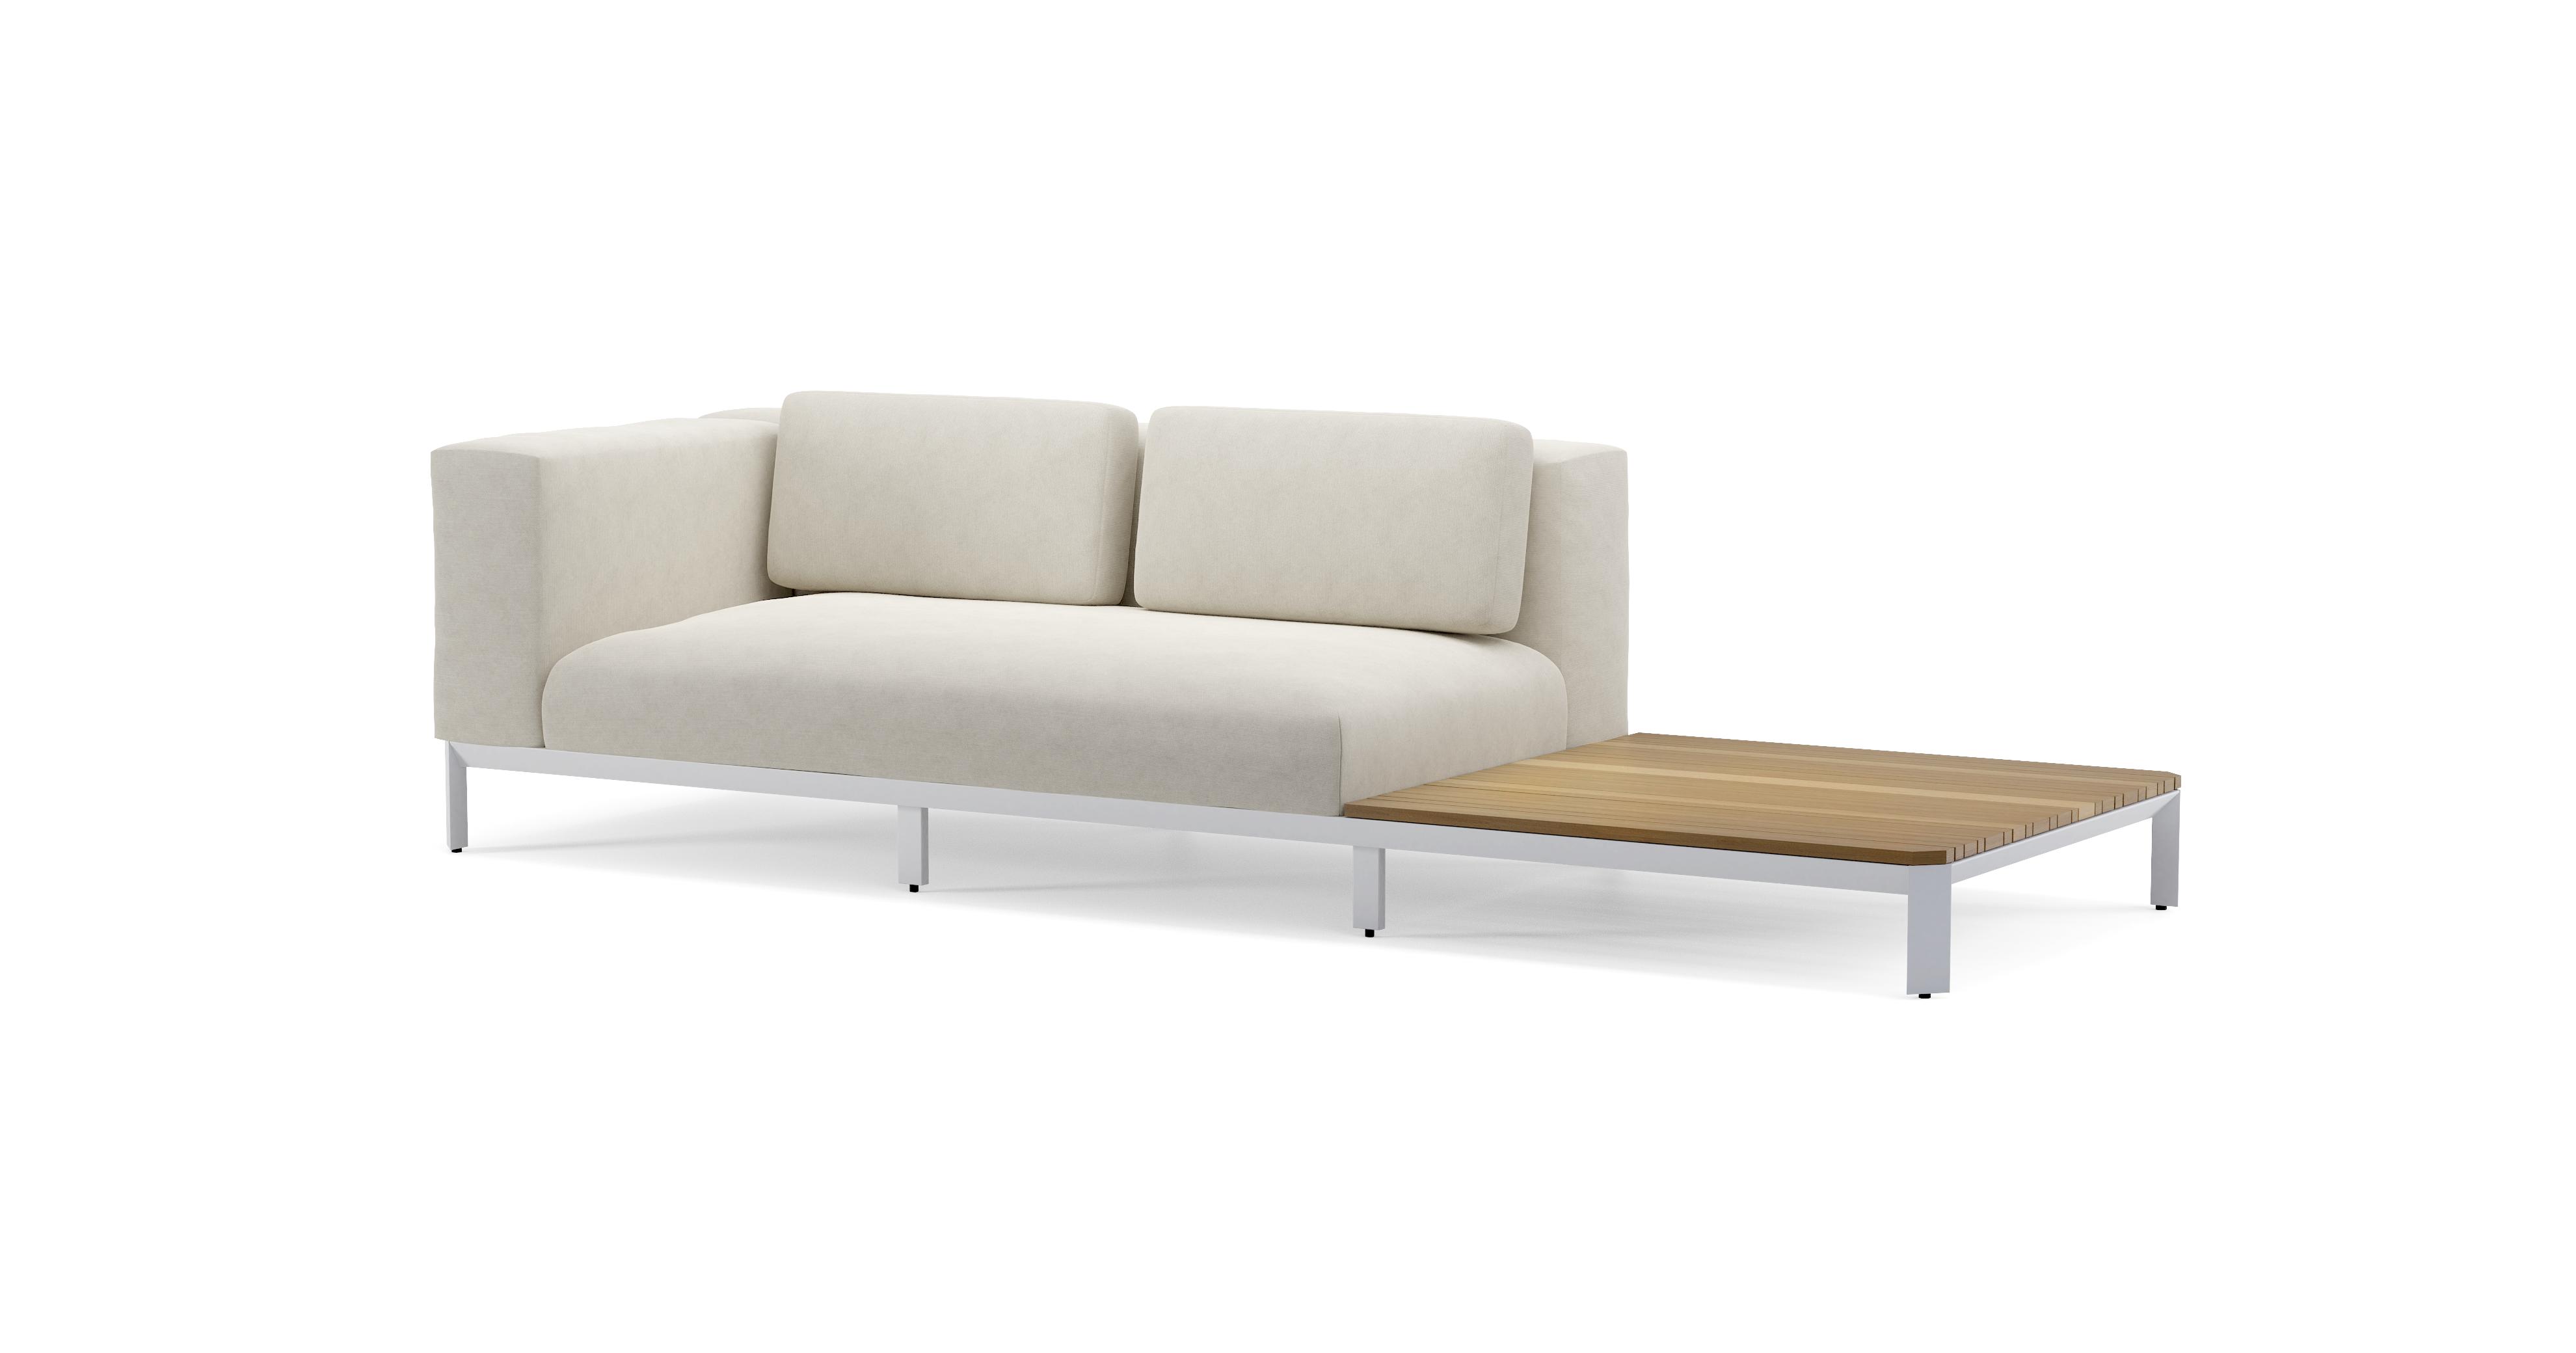 Outdoor sofa by Jardinico